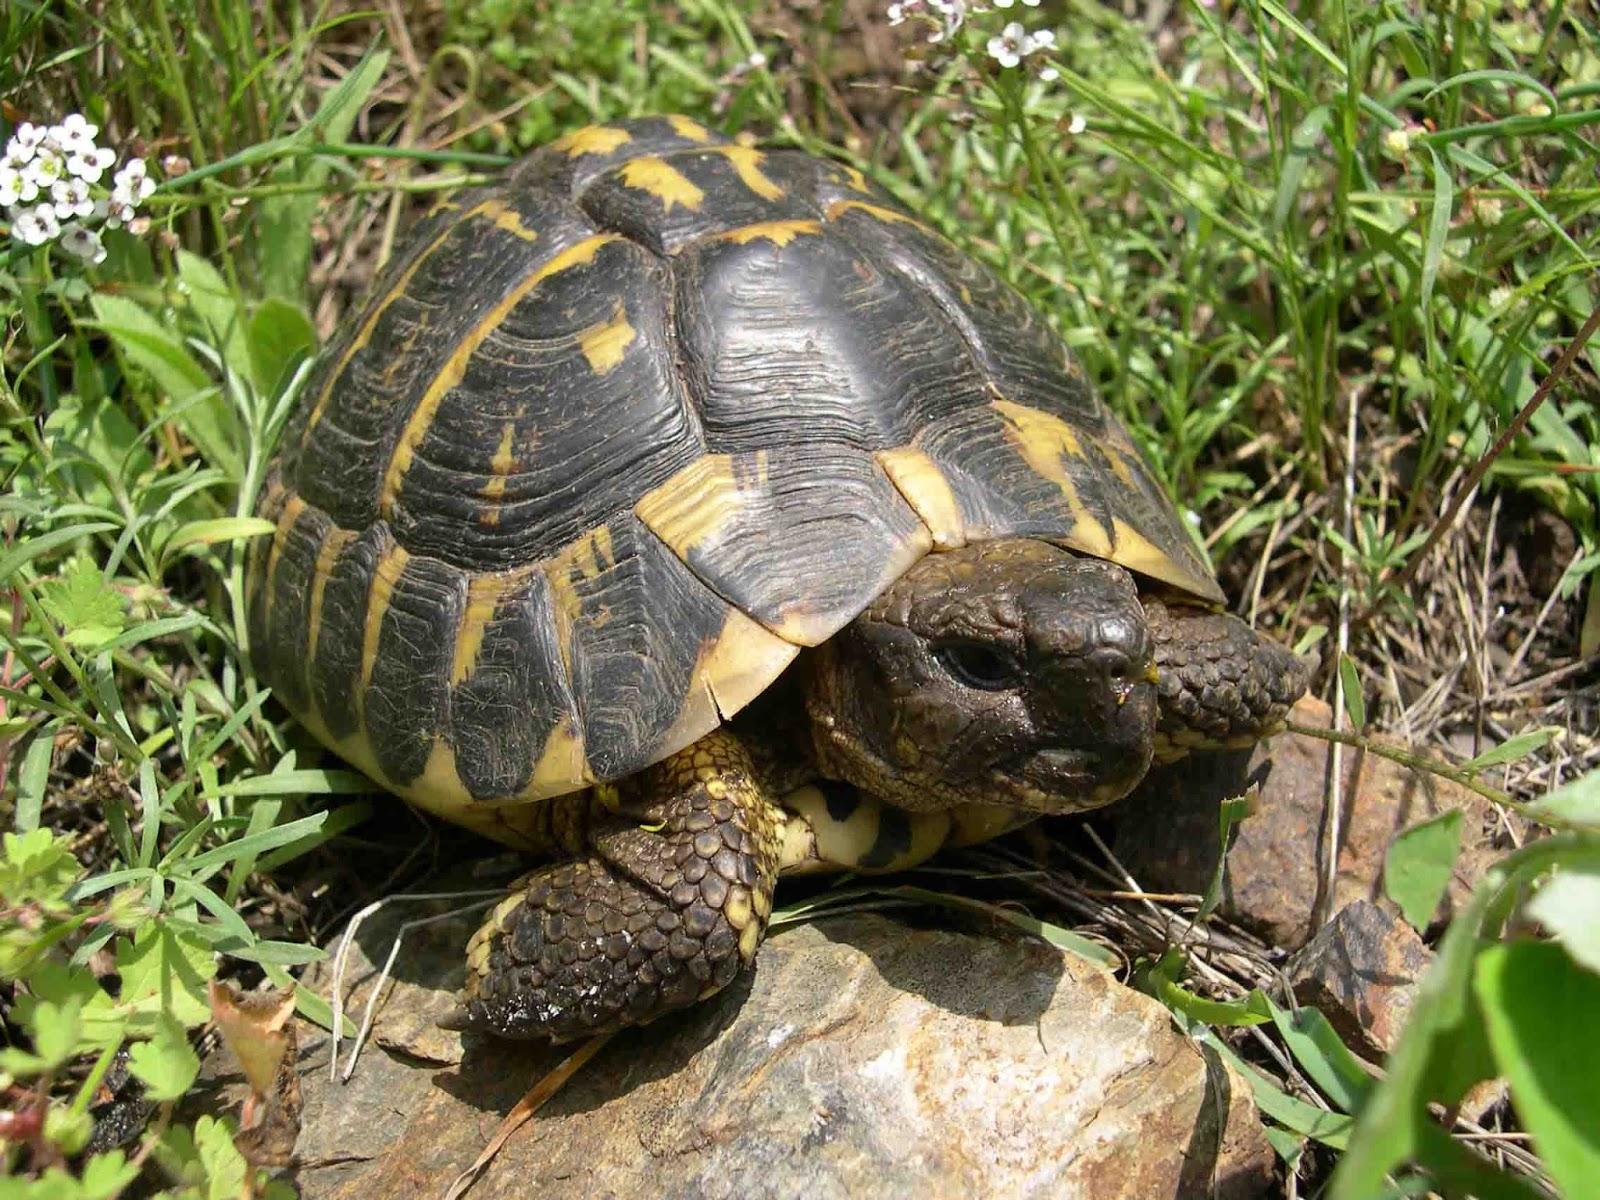 Amici di chicca microchip obbligatorio per le tartarughe for Tutto per le tartarughe